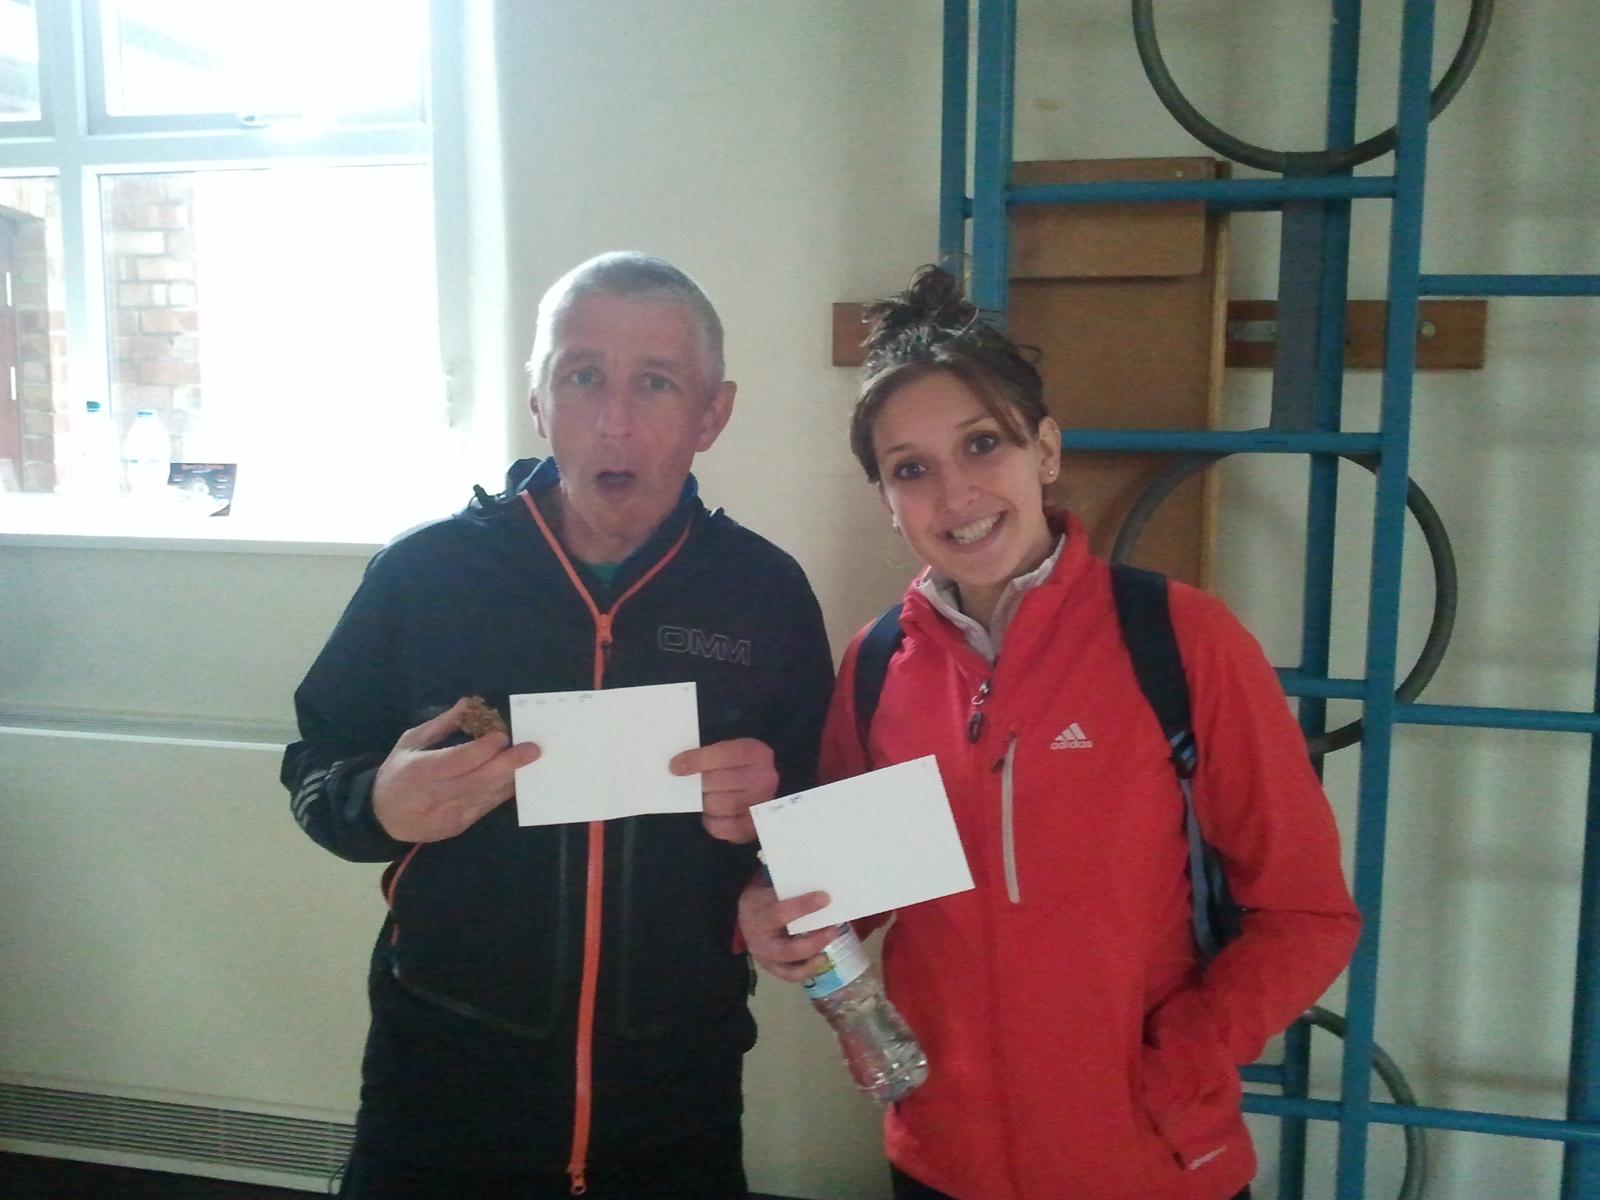 Prize winners, John & Sophie